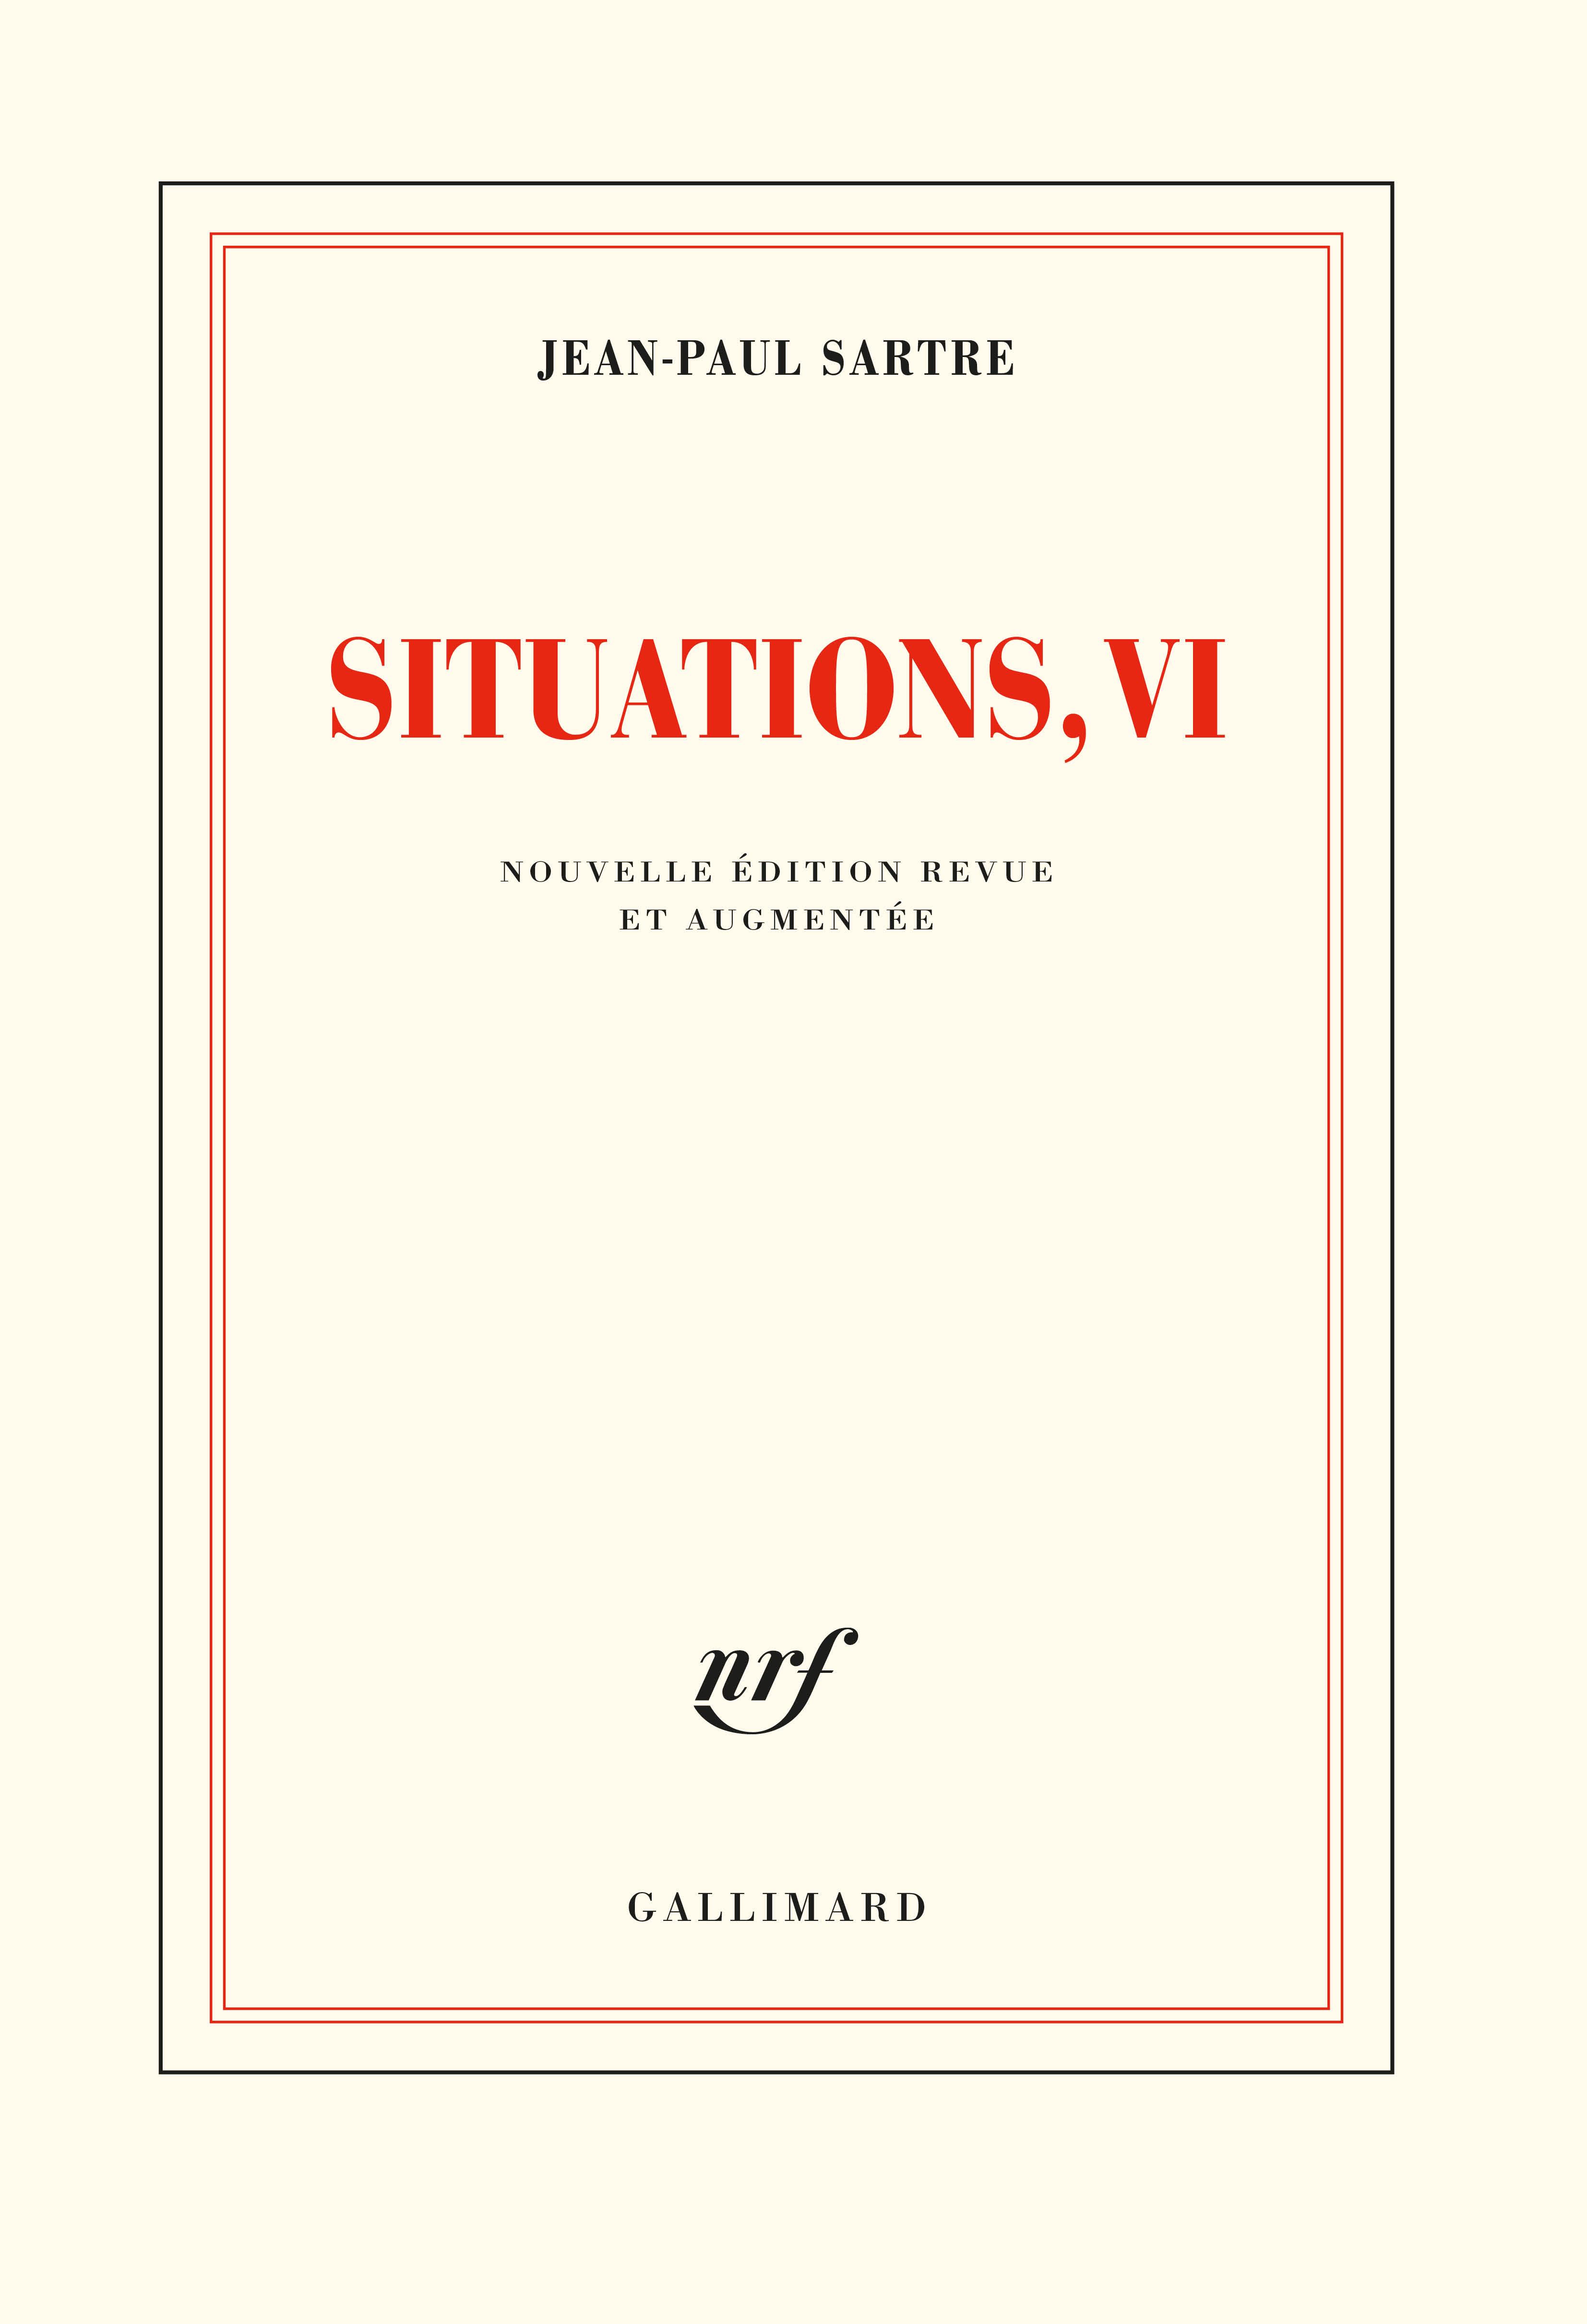 Sartre, Situations VI (nouvelle éd.)